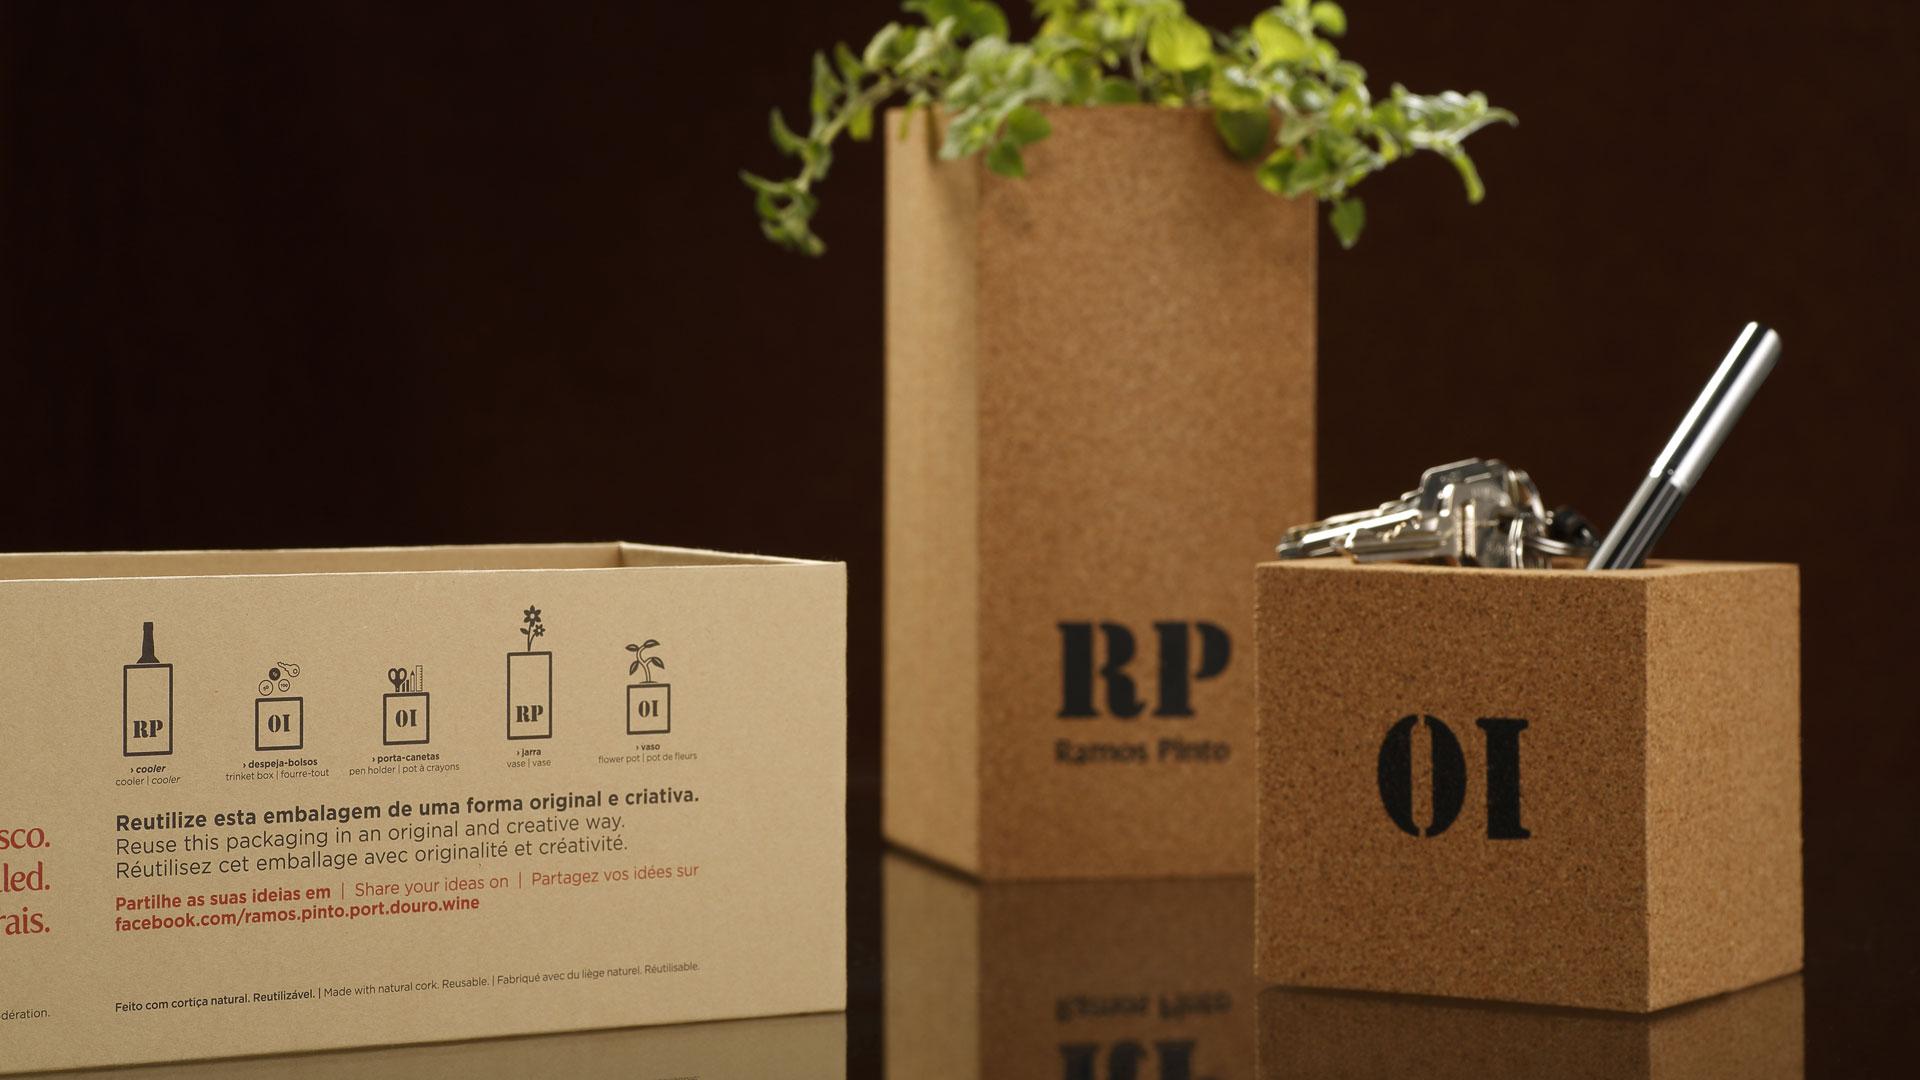 960-packaging-rp10-5